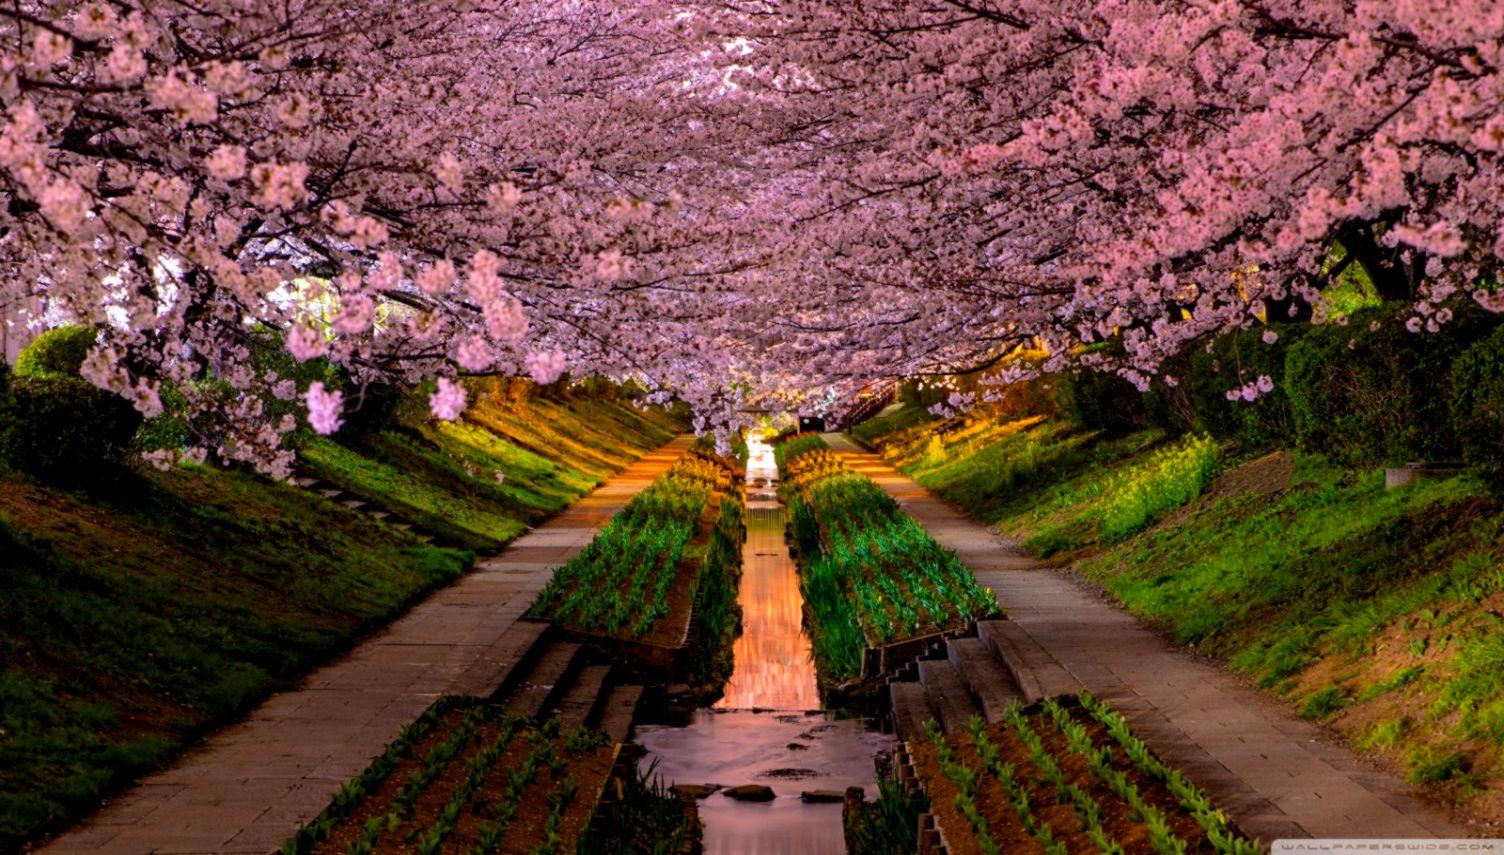 Get Spring Desktop Wallpaper Images Images